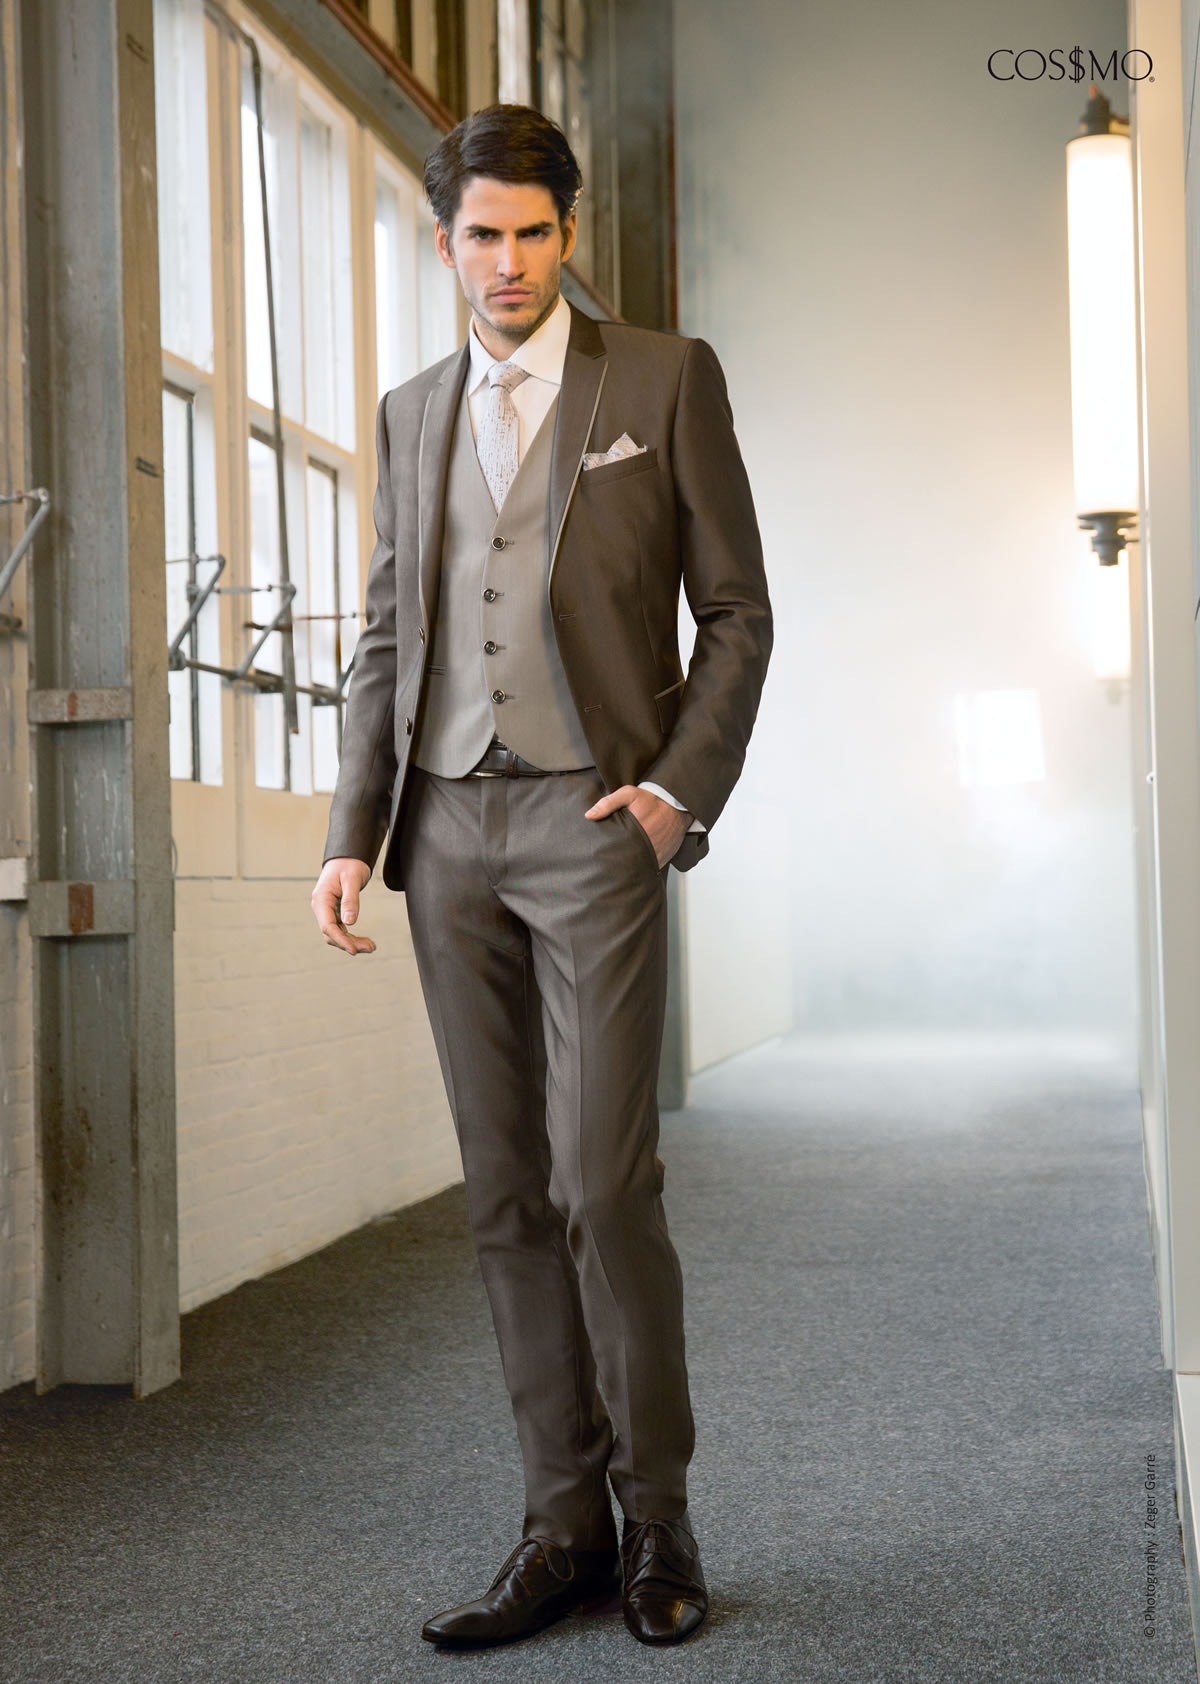 casual dress suit photo - 1